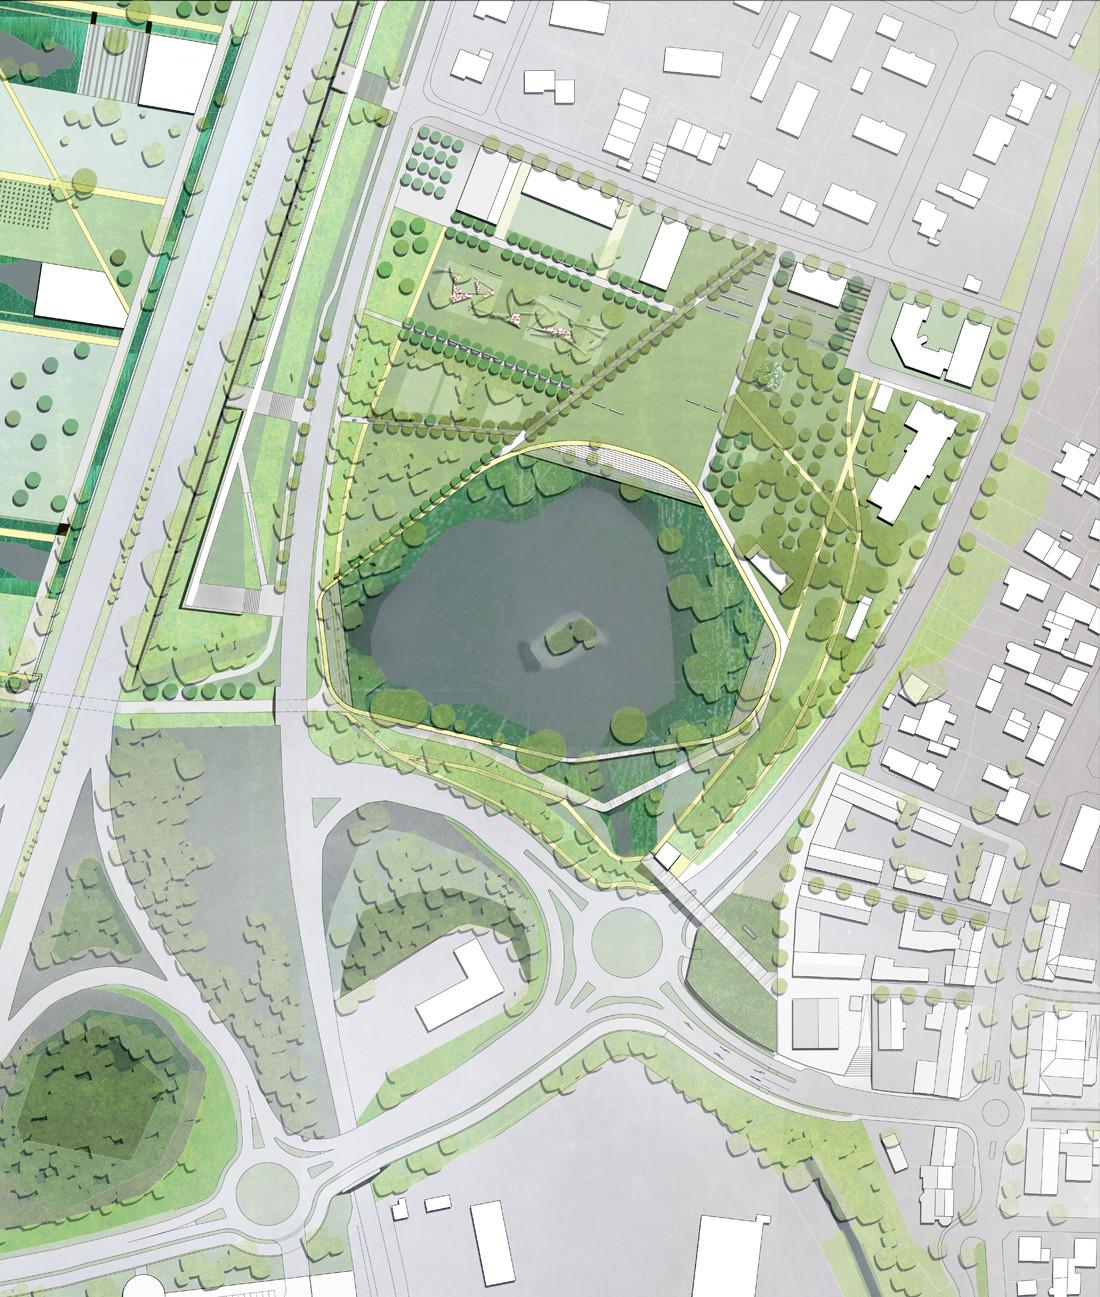 LGS-2022-neuenburg-am-rhein-plan-01